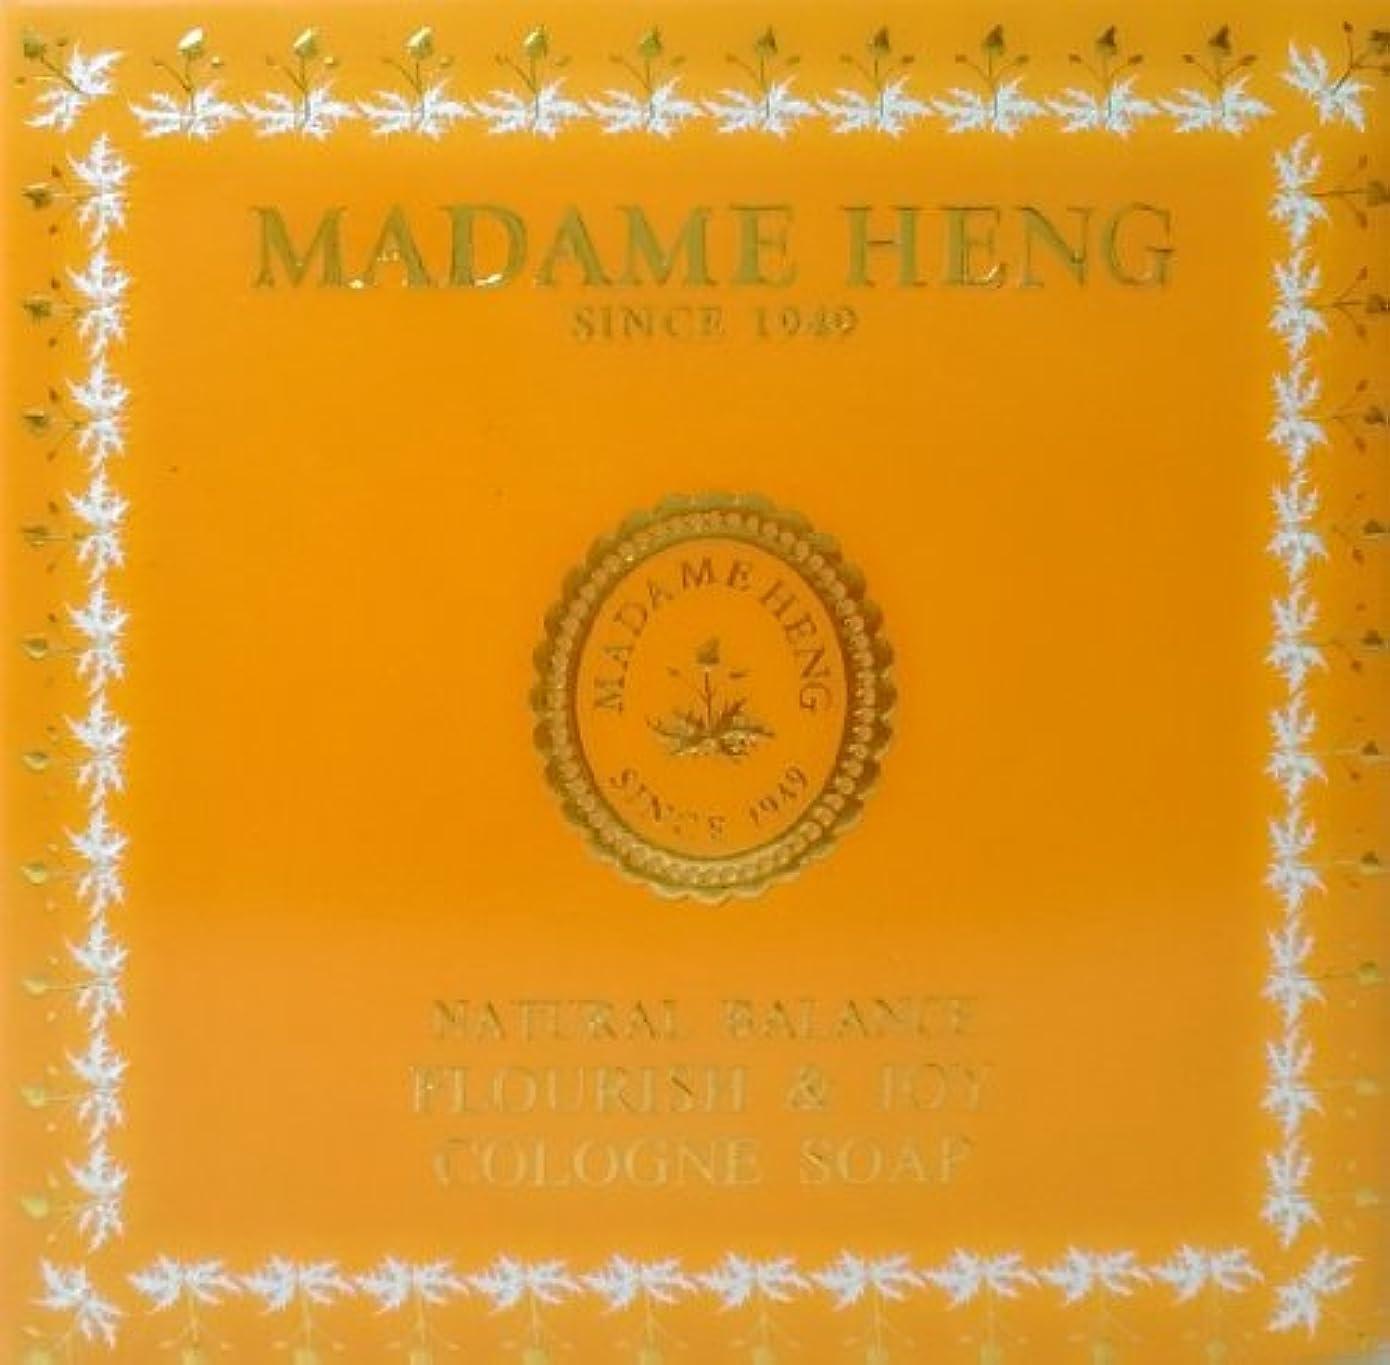 専門知識統計的分散MADAME HENG NATURAL BALANCE FLOURISH & JOY COLOGNE SOAP